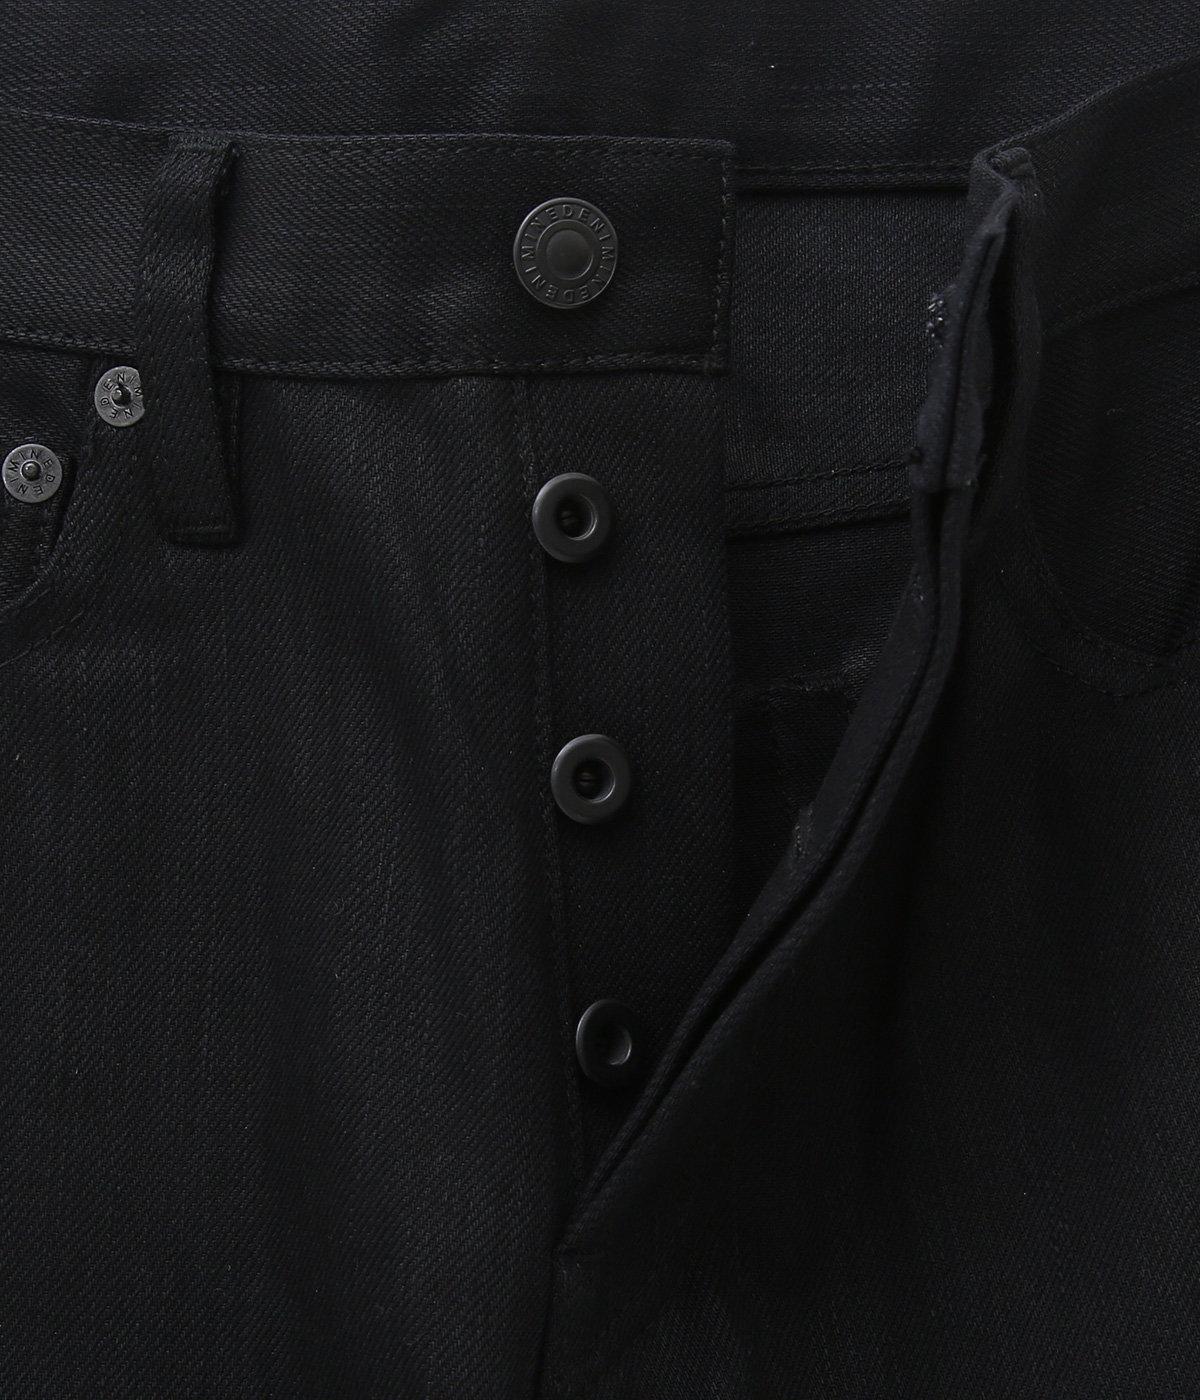 Standard Slim STR 5 pocket BRG